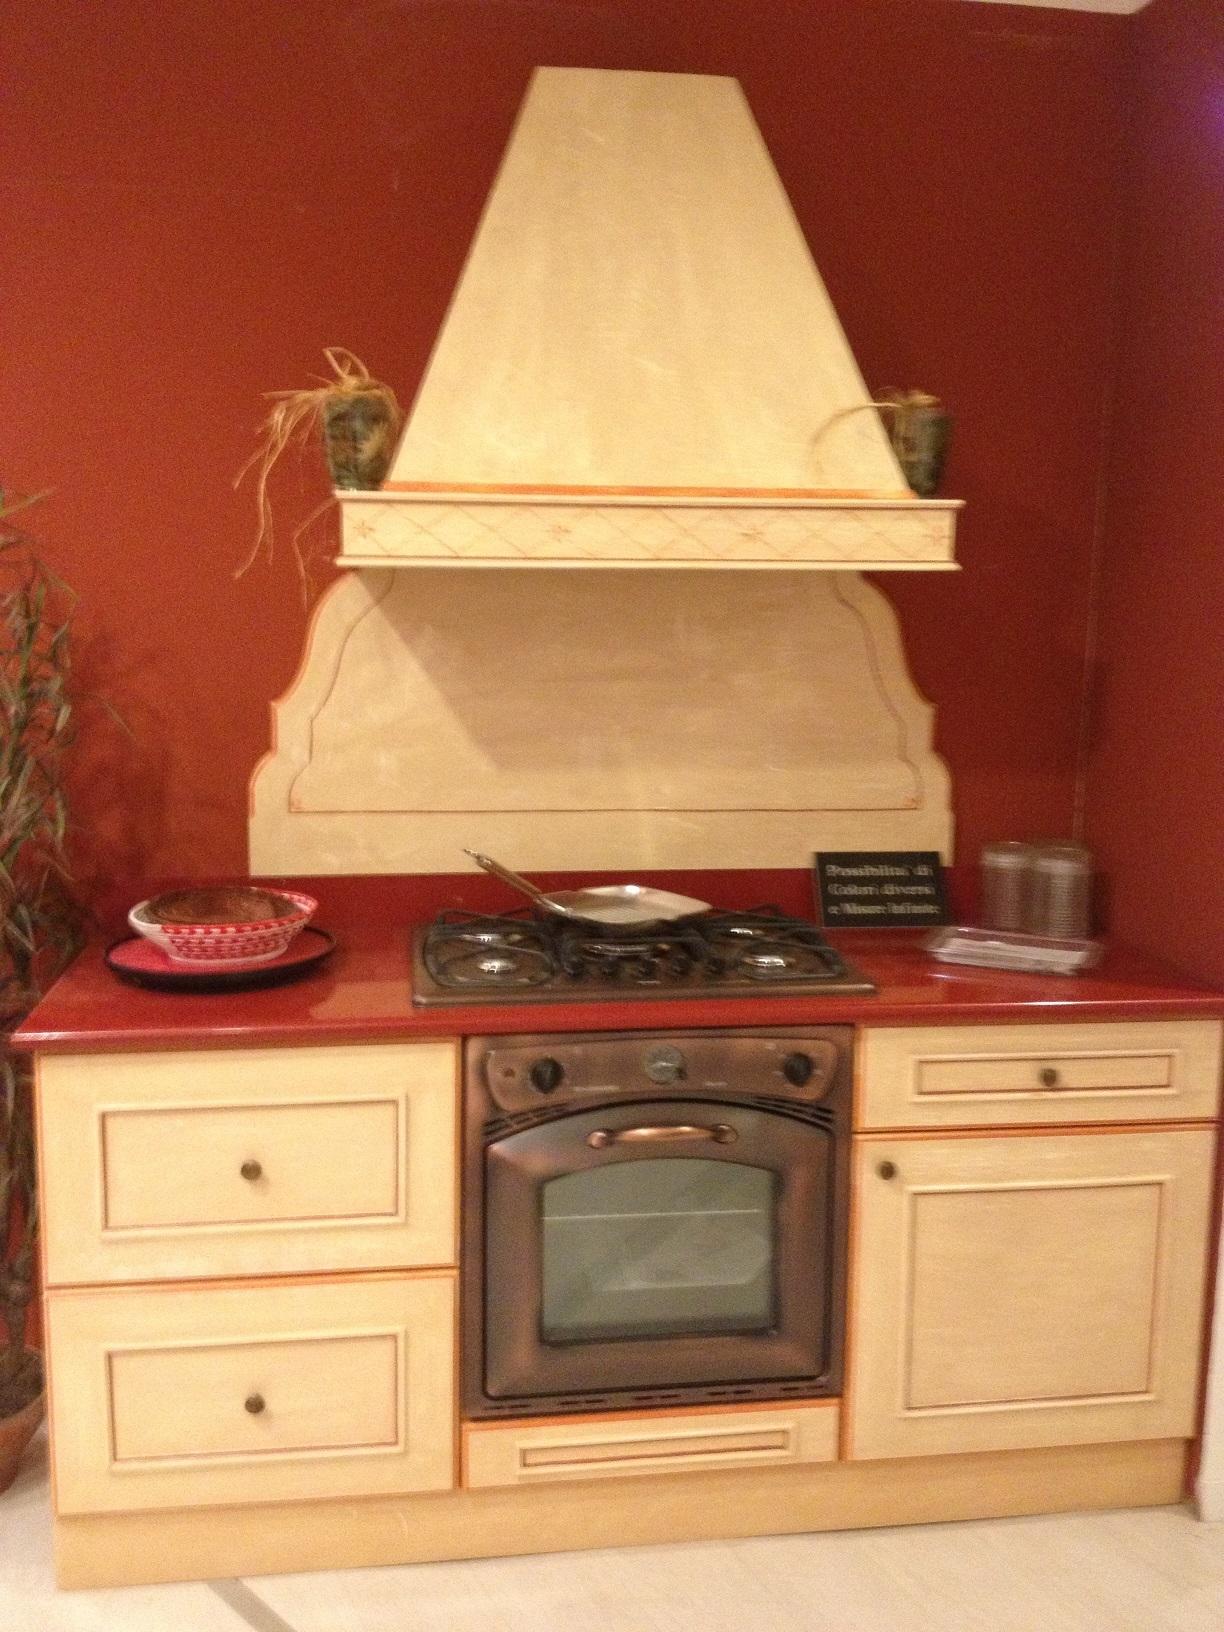 Illuminazione Cucina Professionale: Rgb cucina led a lampadada parete tecnica...